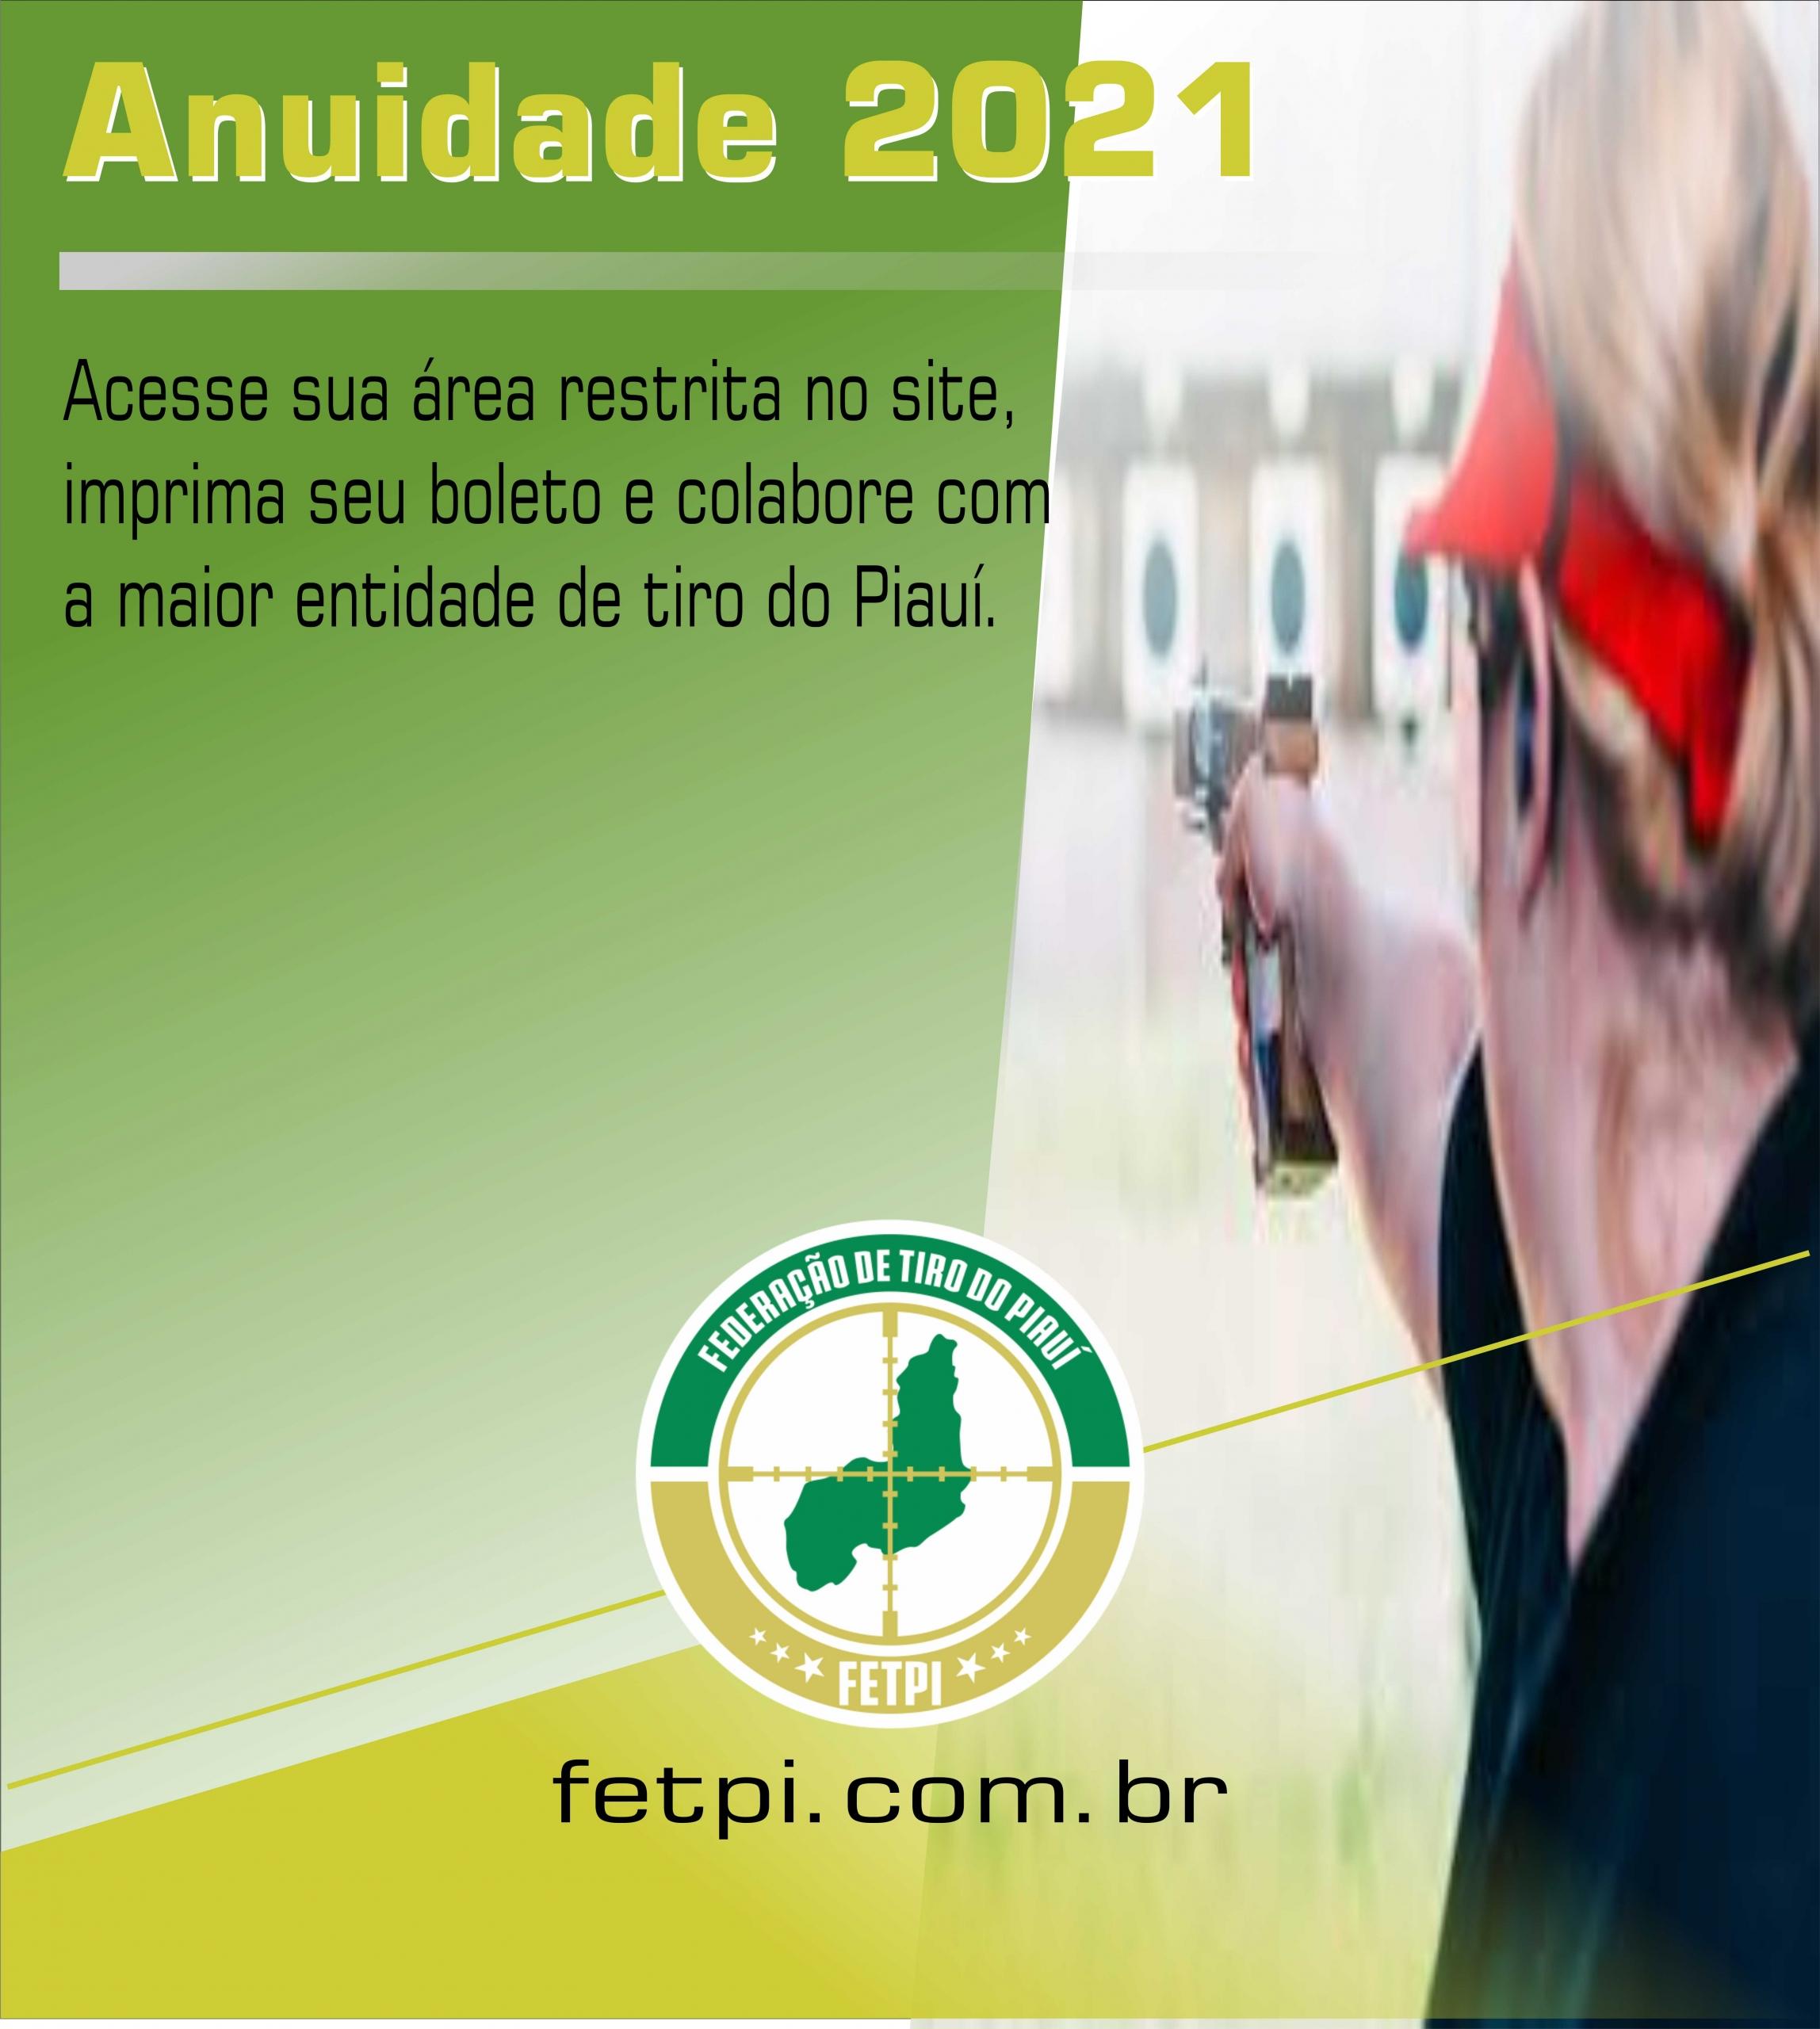 Fetpi_2021_Noticias Flyer Anuidades 2021